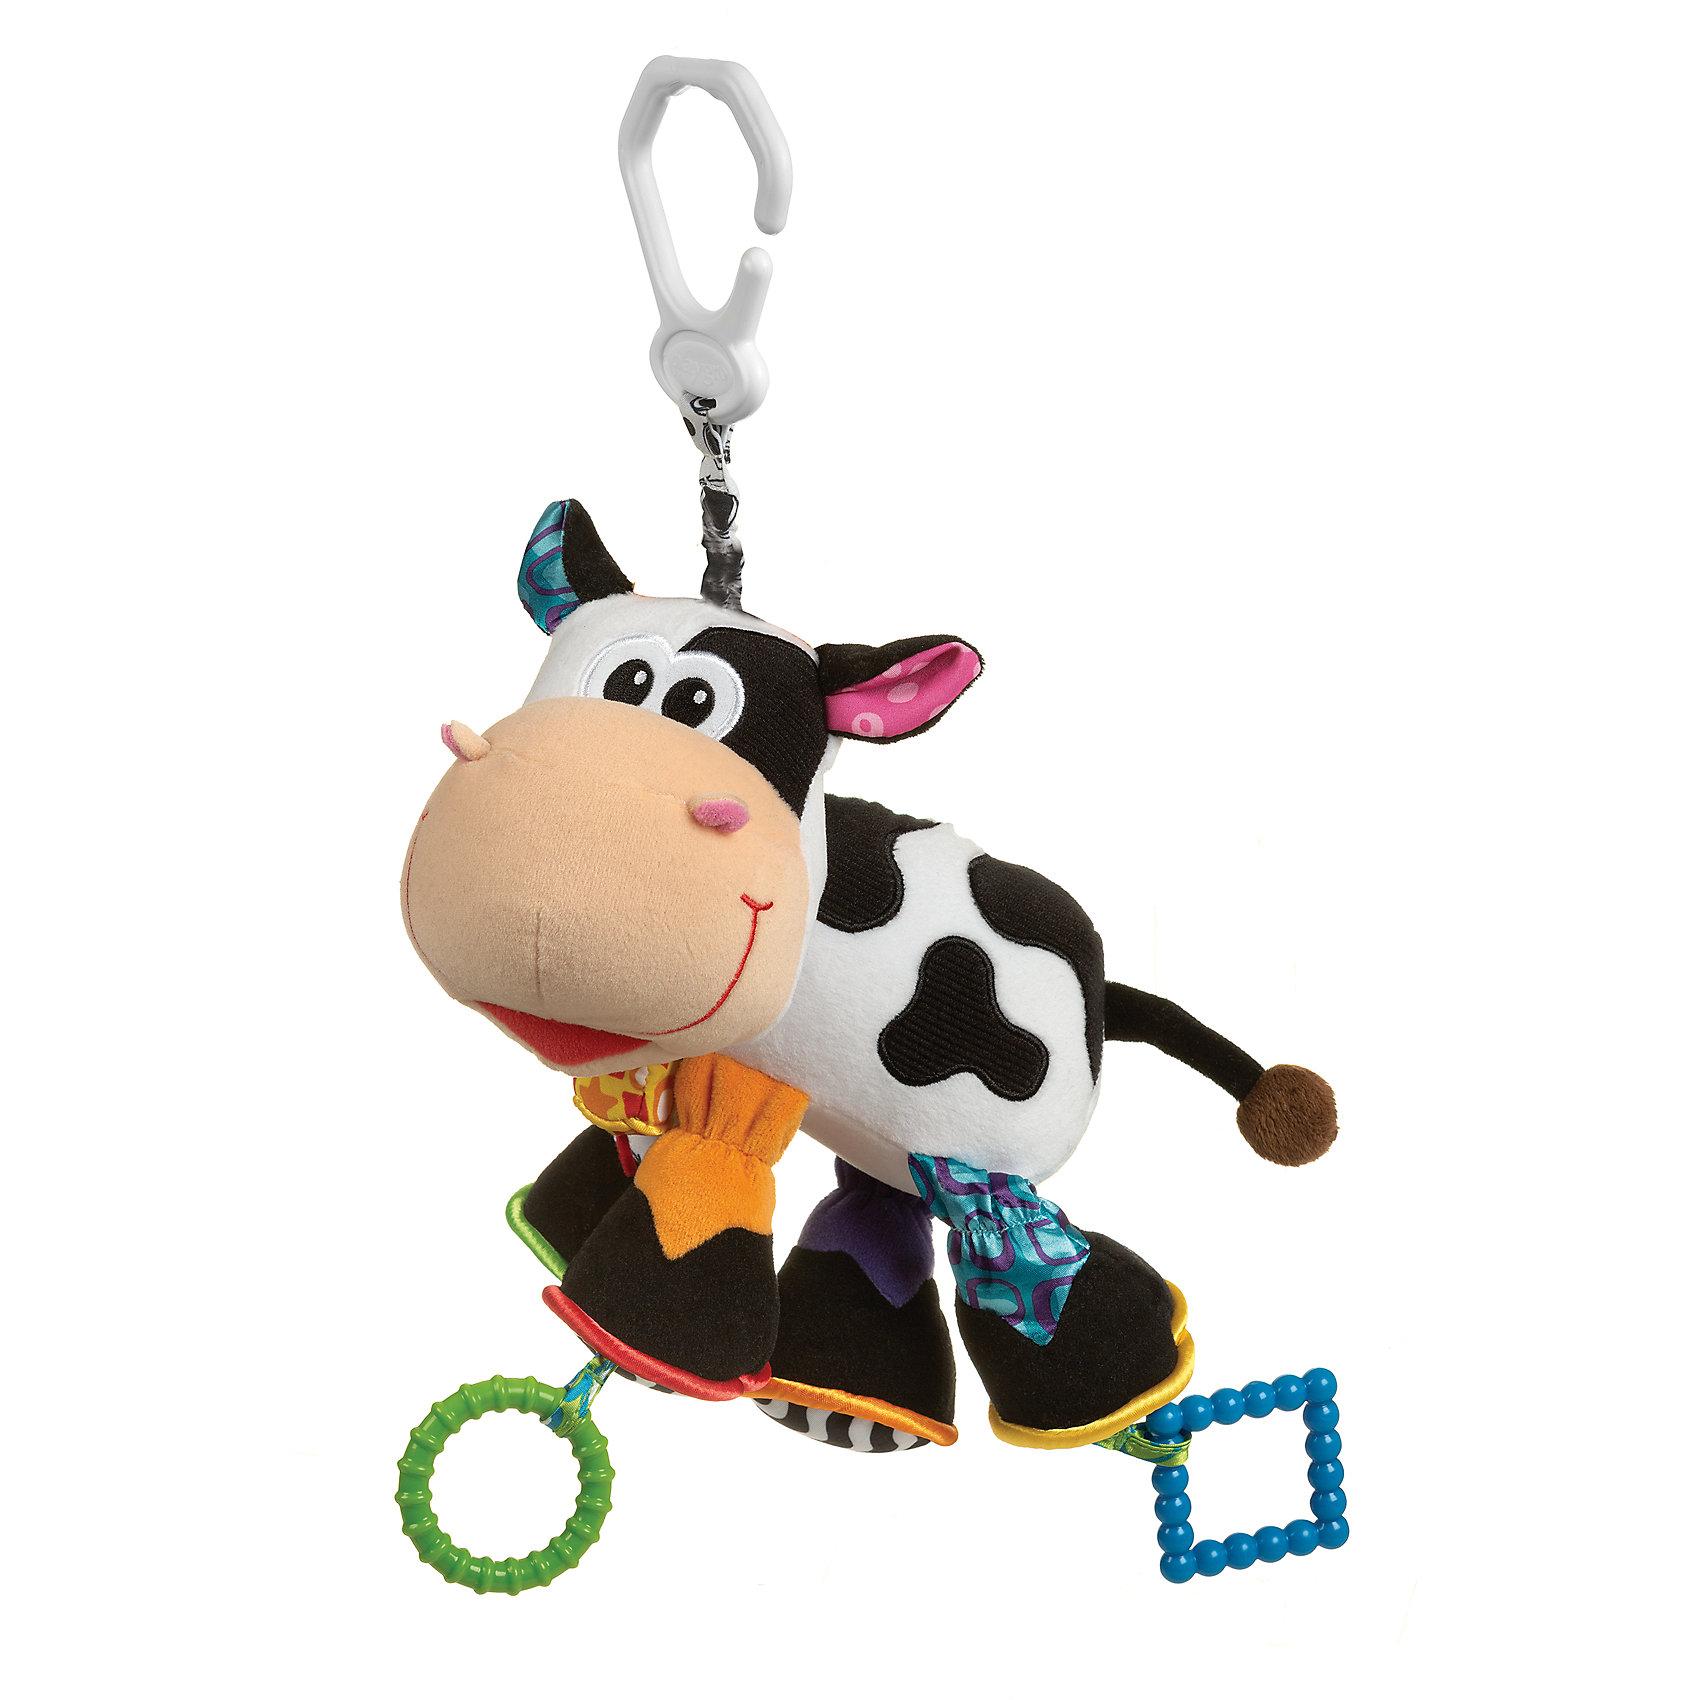 Игрушка-подвеска КороваПодвески<br>Игрушка-подвеска Корова<br><br>Характеристики:<br><br>• Материал: текстиль<br>• Возраст: от 0 месяцев<br>• Крепление: прищепка<br><br>Мягкая игрушка сделана из качественного и безопасного материала, который не вредит ребенку. В лапках и ушках собачки специальное наполнение, которое шуршит, если их трогать. Прищепка надежно крепится на коляску или за бортик кроватки. Если потянуть игрушку на себя, то возвращаясь к прищепке, она будет забавно вибрировать. Игрушка поможет малышу развлечься и развить моторику рук.<br><br>Игрушка-подвеска Корова можно купить в нашем интернет-магазине.<br><br>Ширина мм: 200<br>Глубина мм: 180<br>Высота мм: 100<br>Вес г: 150<br>Возраст от месяцев: 0<br>Возраст до месяцев: 12<br>Пол: Унисекс<br>Возраст: Детский<br>SKU: 4837595